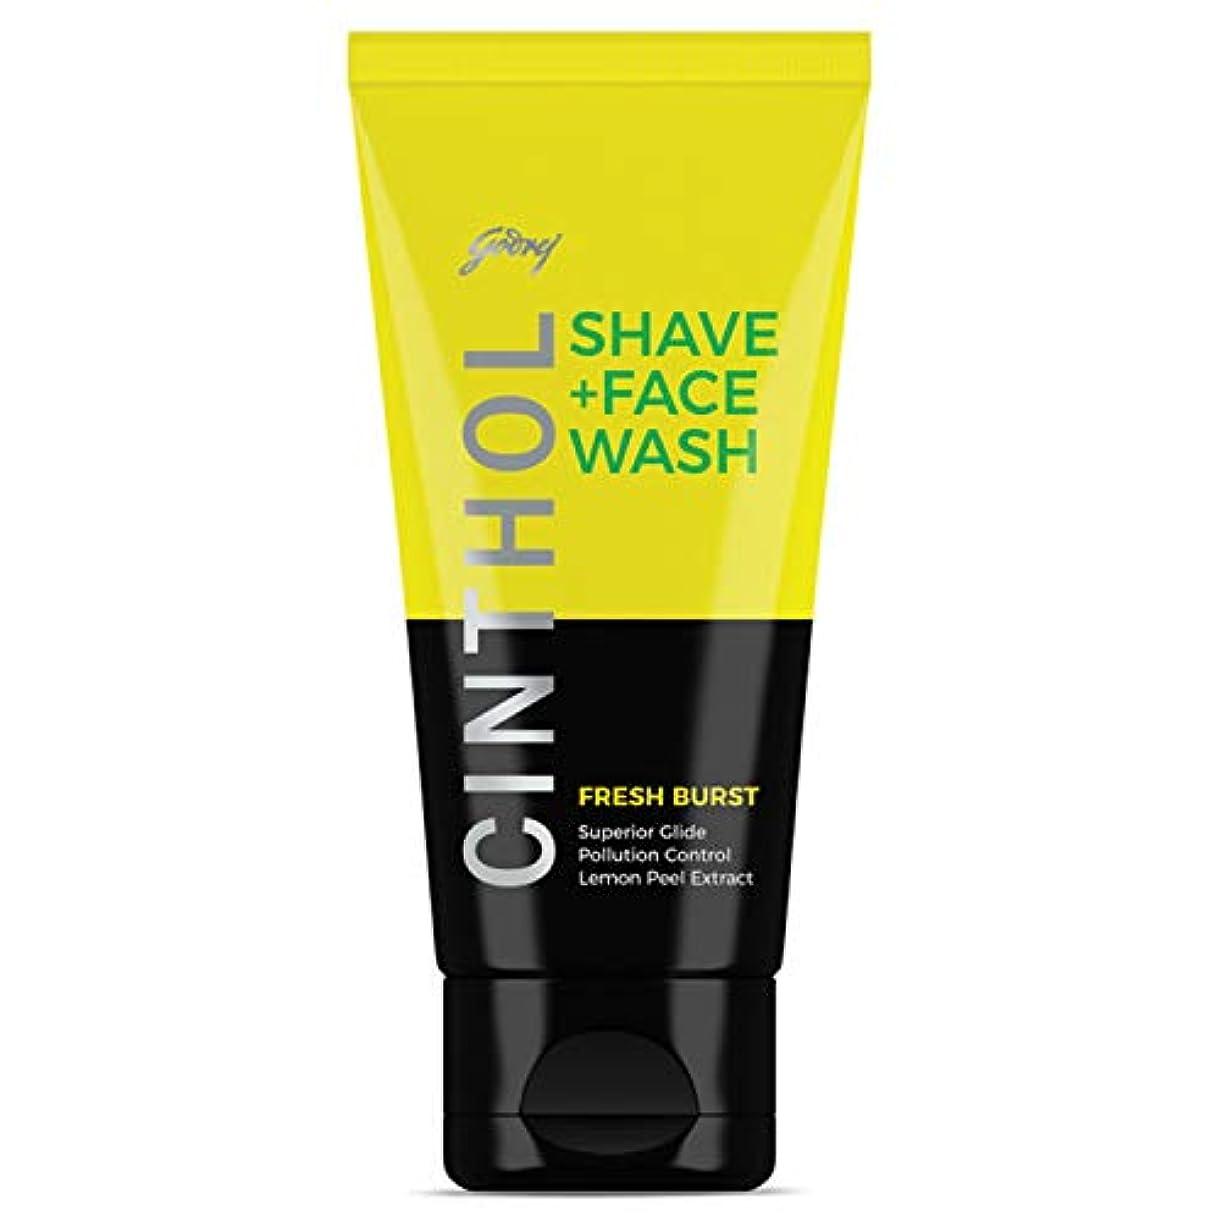 疑い者かもめ退化するCinthol Fresh Burst Shaving + Face Wash, 50g